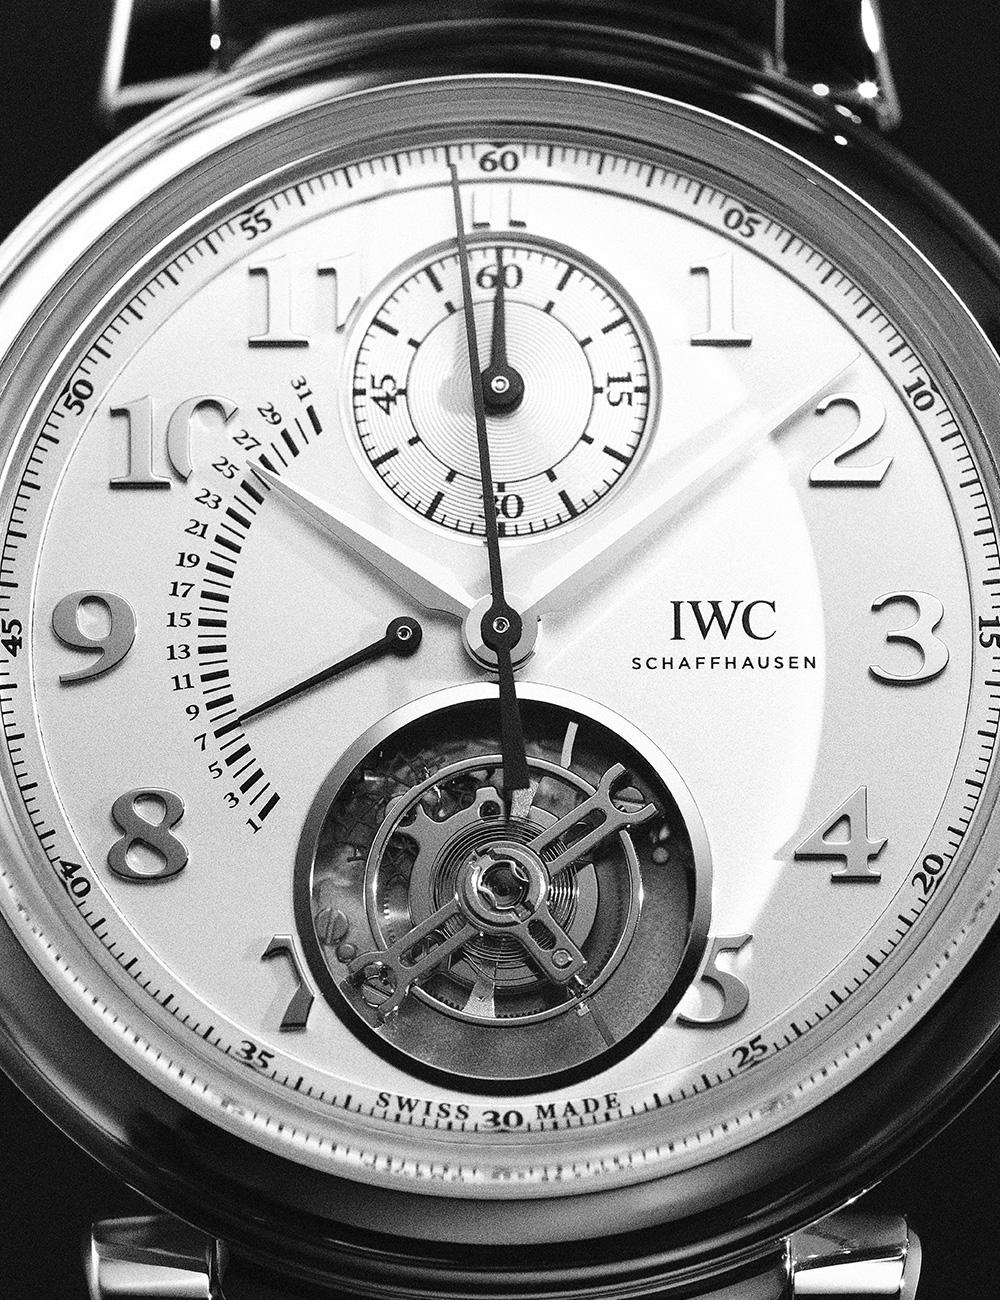 IWC다빈치 투르비옹 레트로그레이드 크로노그래프 1억원대.